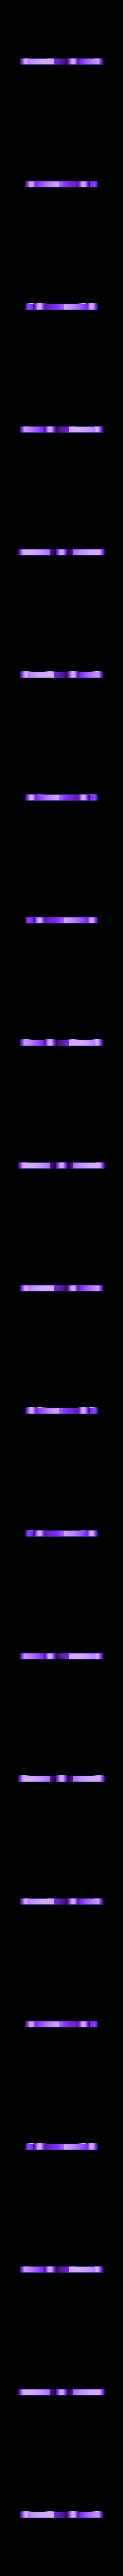 body 2b.STL Télécharger fichier STL gratuit New Hand spinner five gears • Modèle pour impression 3D, Vladimir310873